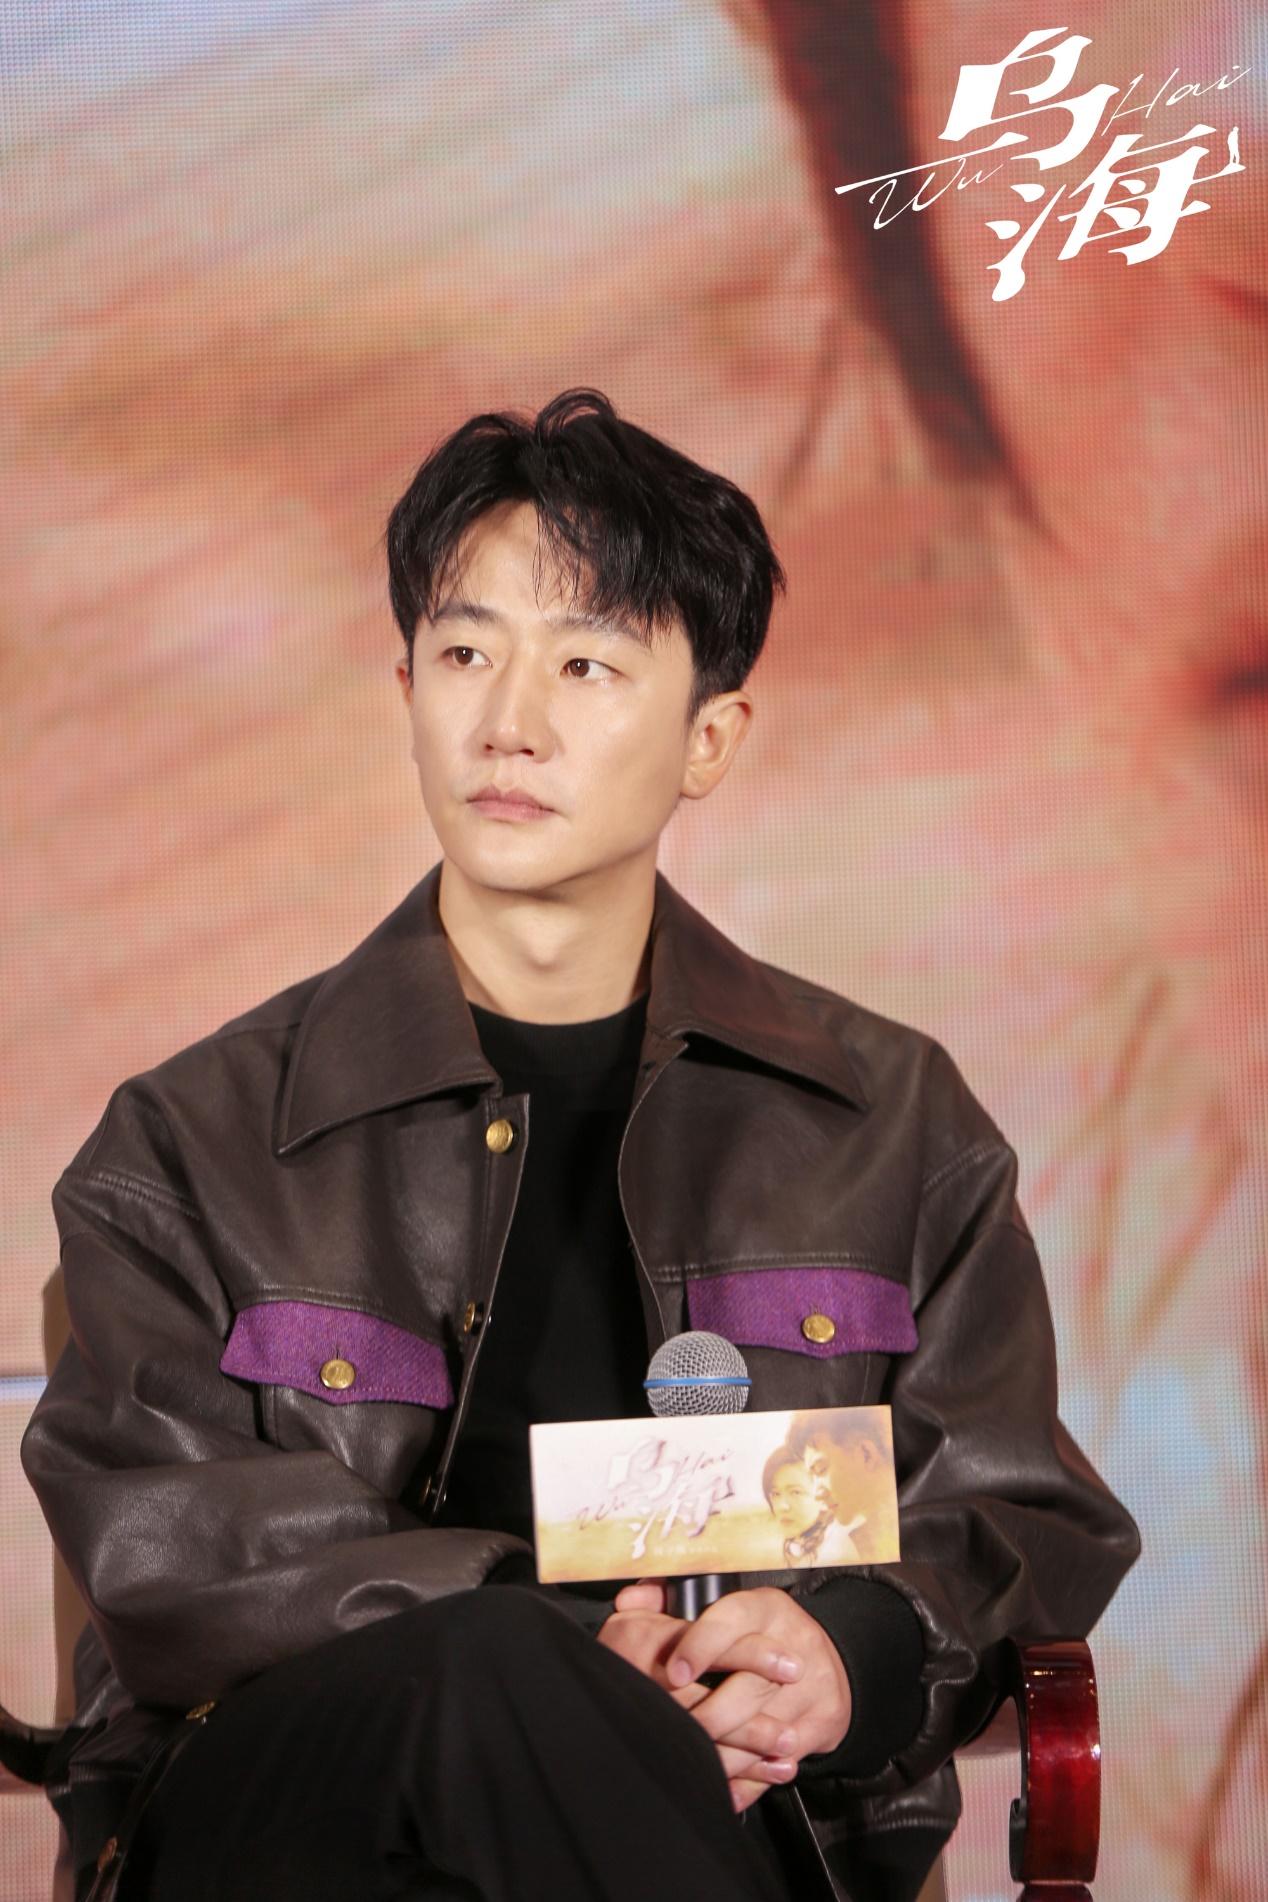 《乌海》10月29日上映 黄轩讲述幕后故事